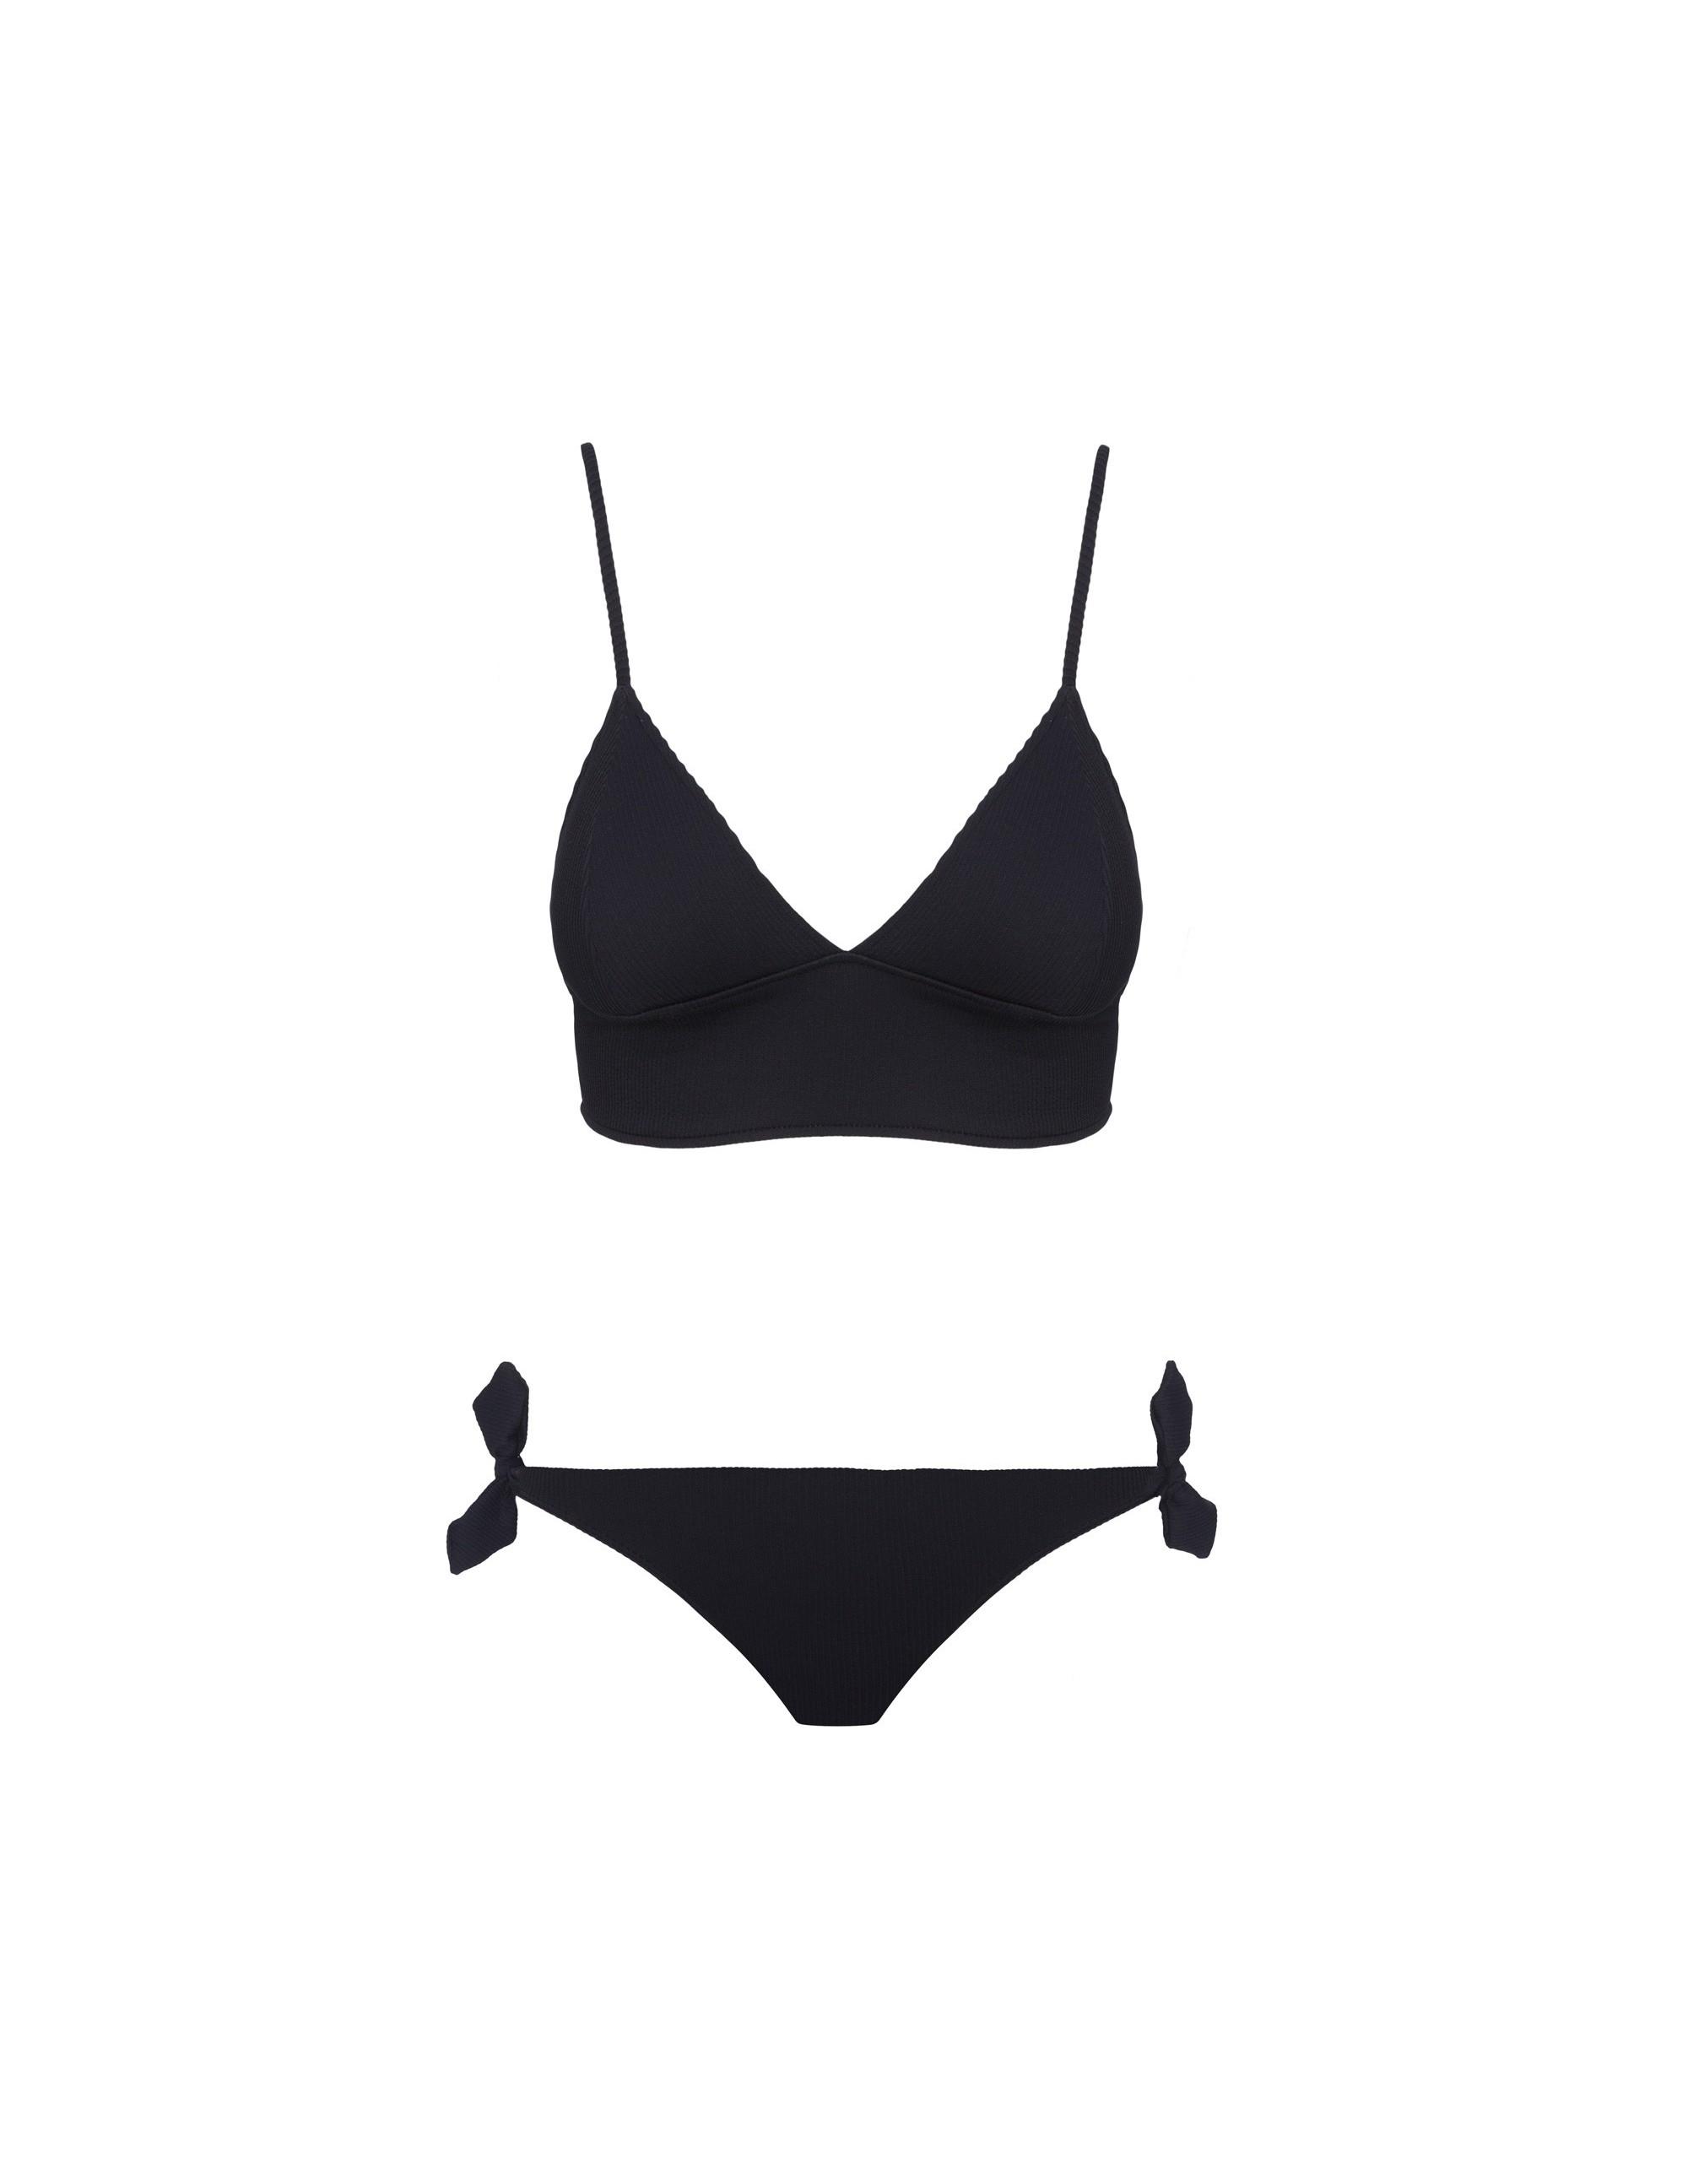 MISALI bikini bottom - PANTHER